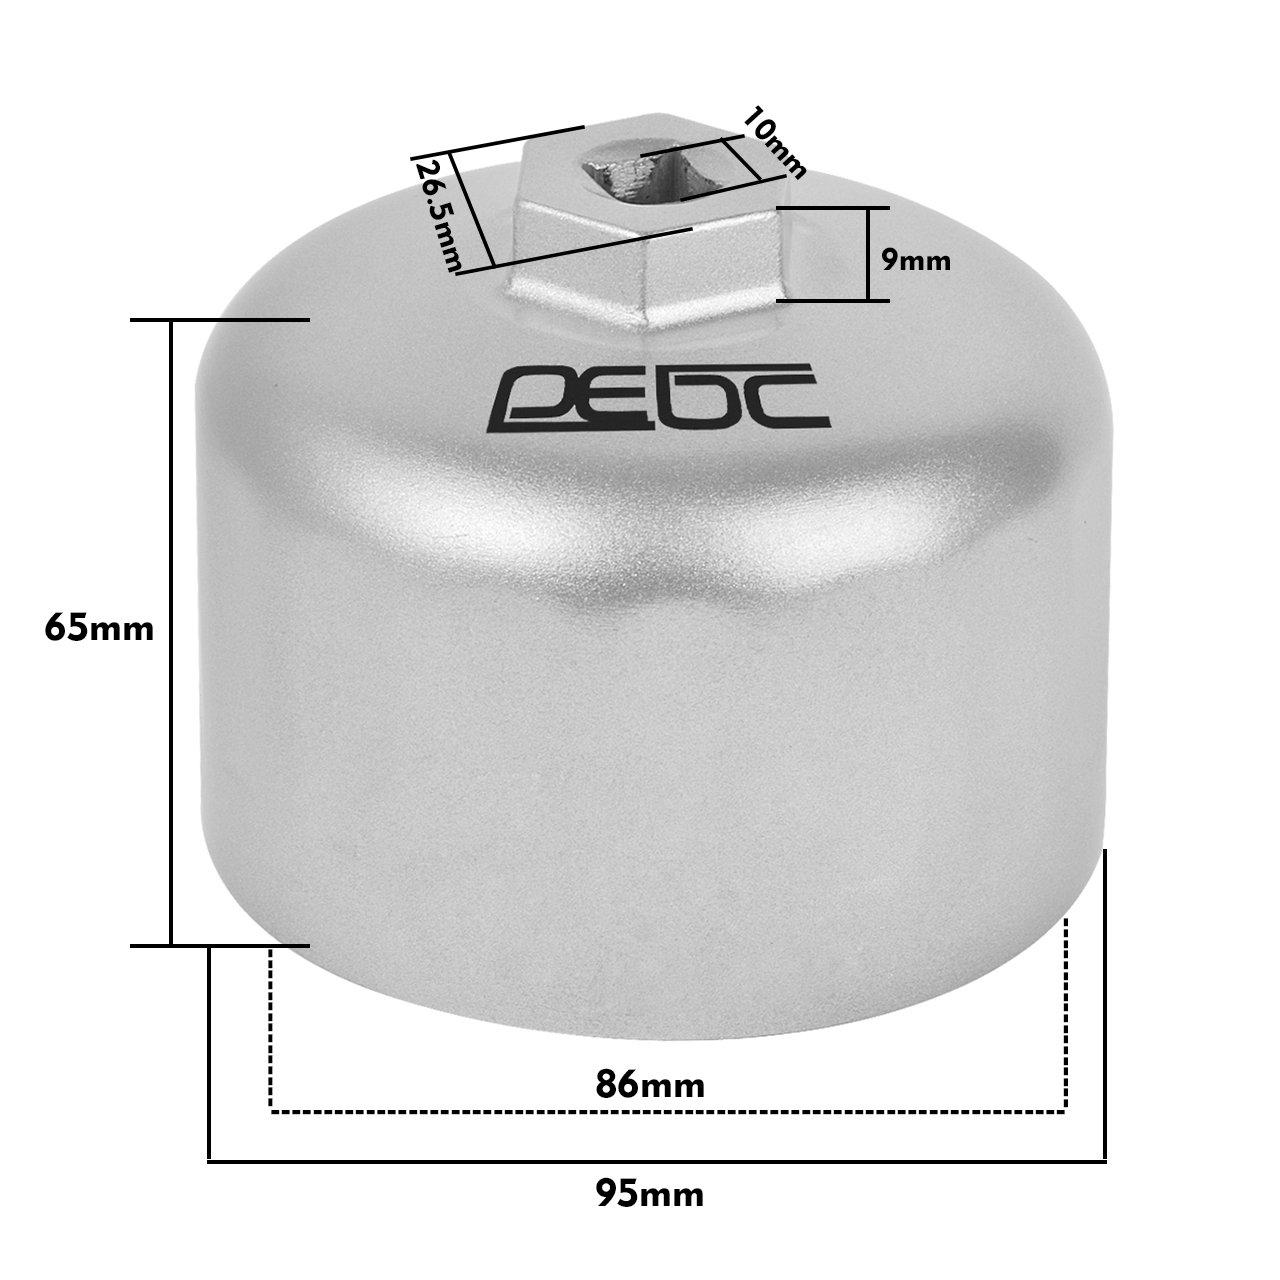 DEDC Llave para Filtro de Aceite Coche 86mm 16 Estr/ías Llave Vaso de Filtro de Aceite